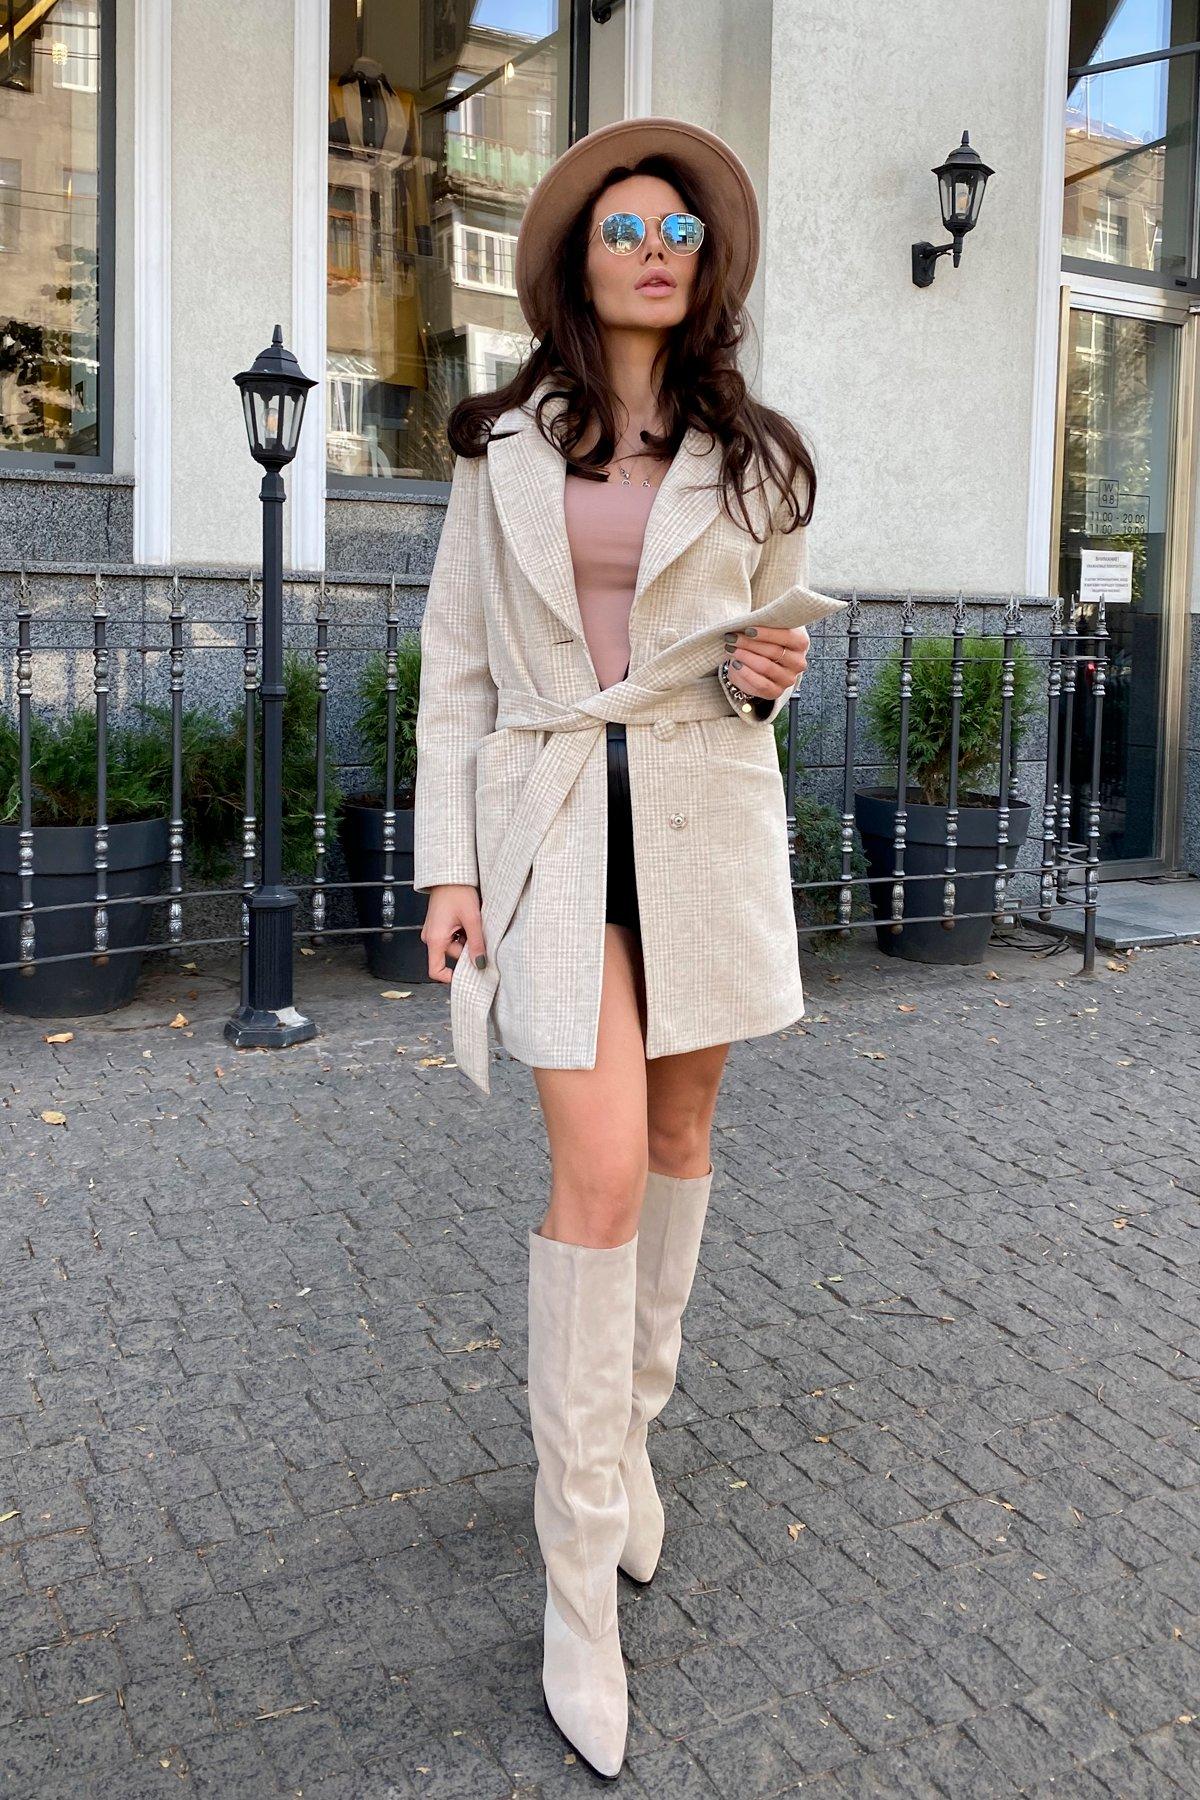 Вейсона кашемир на трикотаже текстурный пальто 9872 АРТ. 46160 Цвет: Бежевый/молоко - фото 6, интернет магазин tm-modus.ru